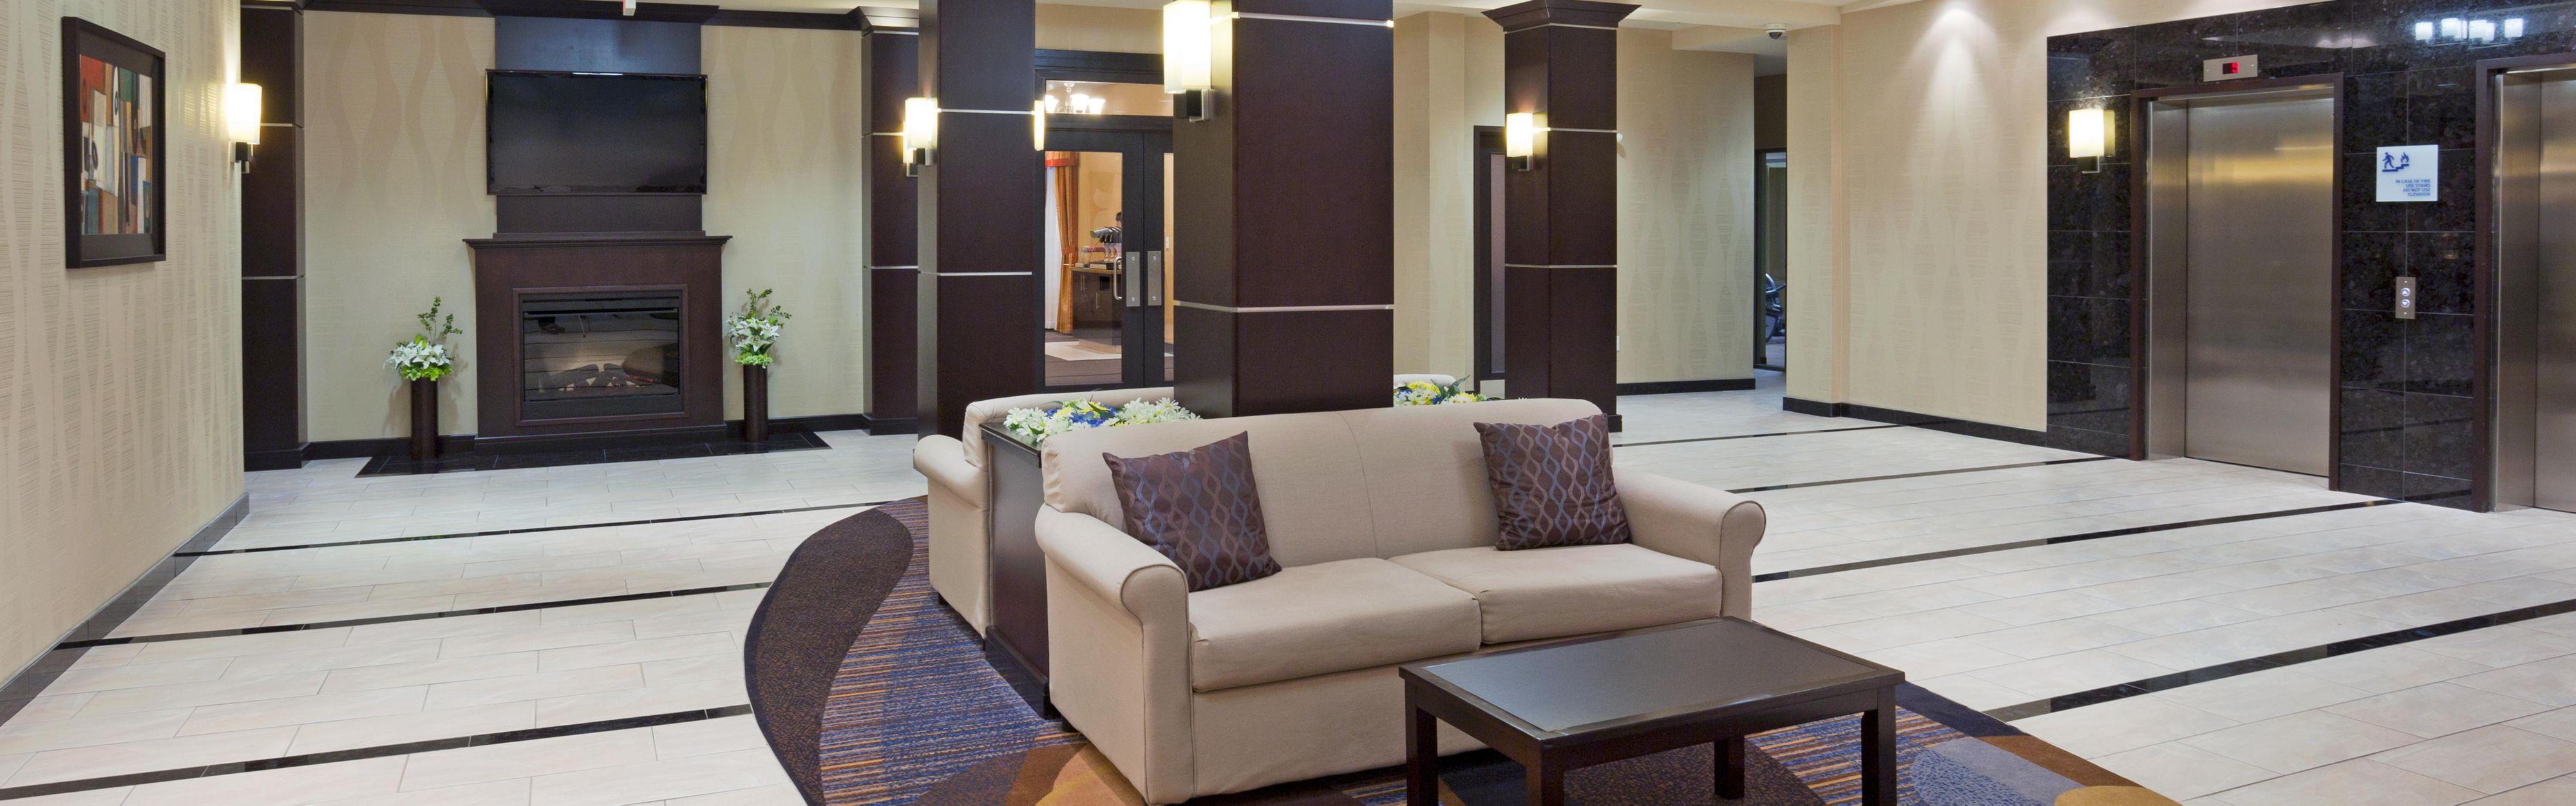 Hotels In Woodstock Il Rouydadnews Info